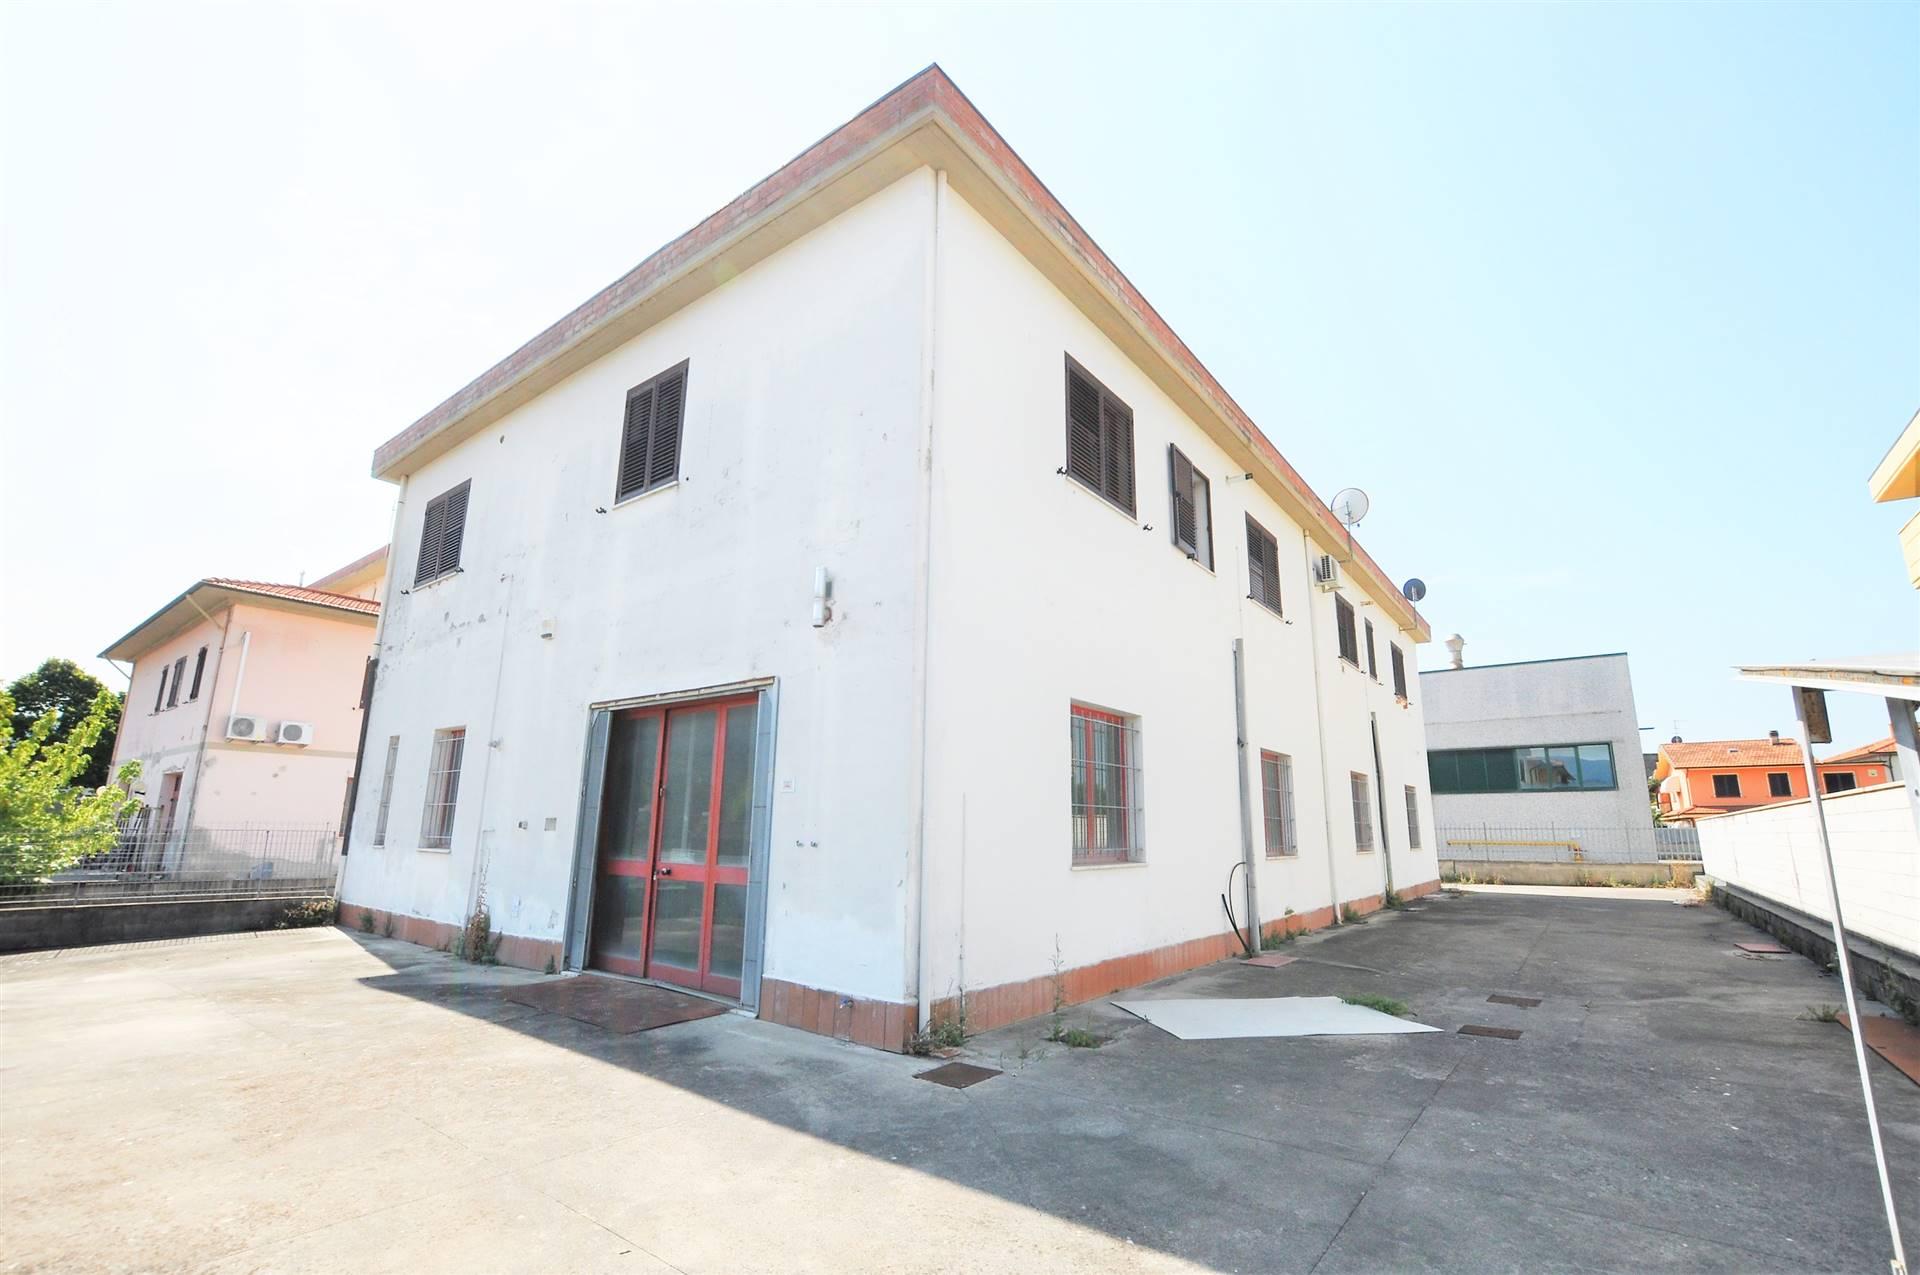 Laboratorio in vendita a Monsummano Terme, 9999 locali, prezzo € 158.000 | CambioCasa.it